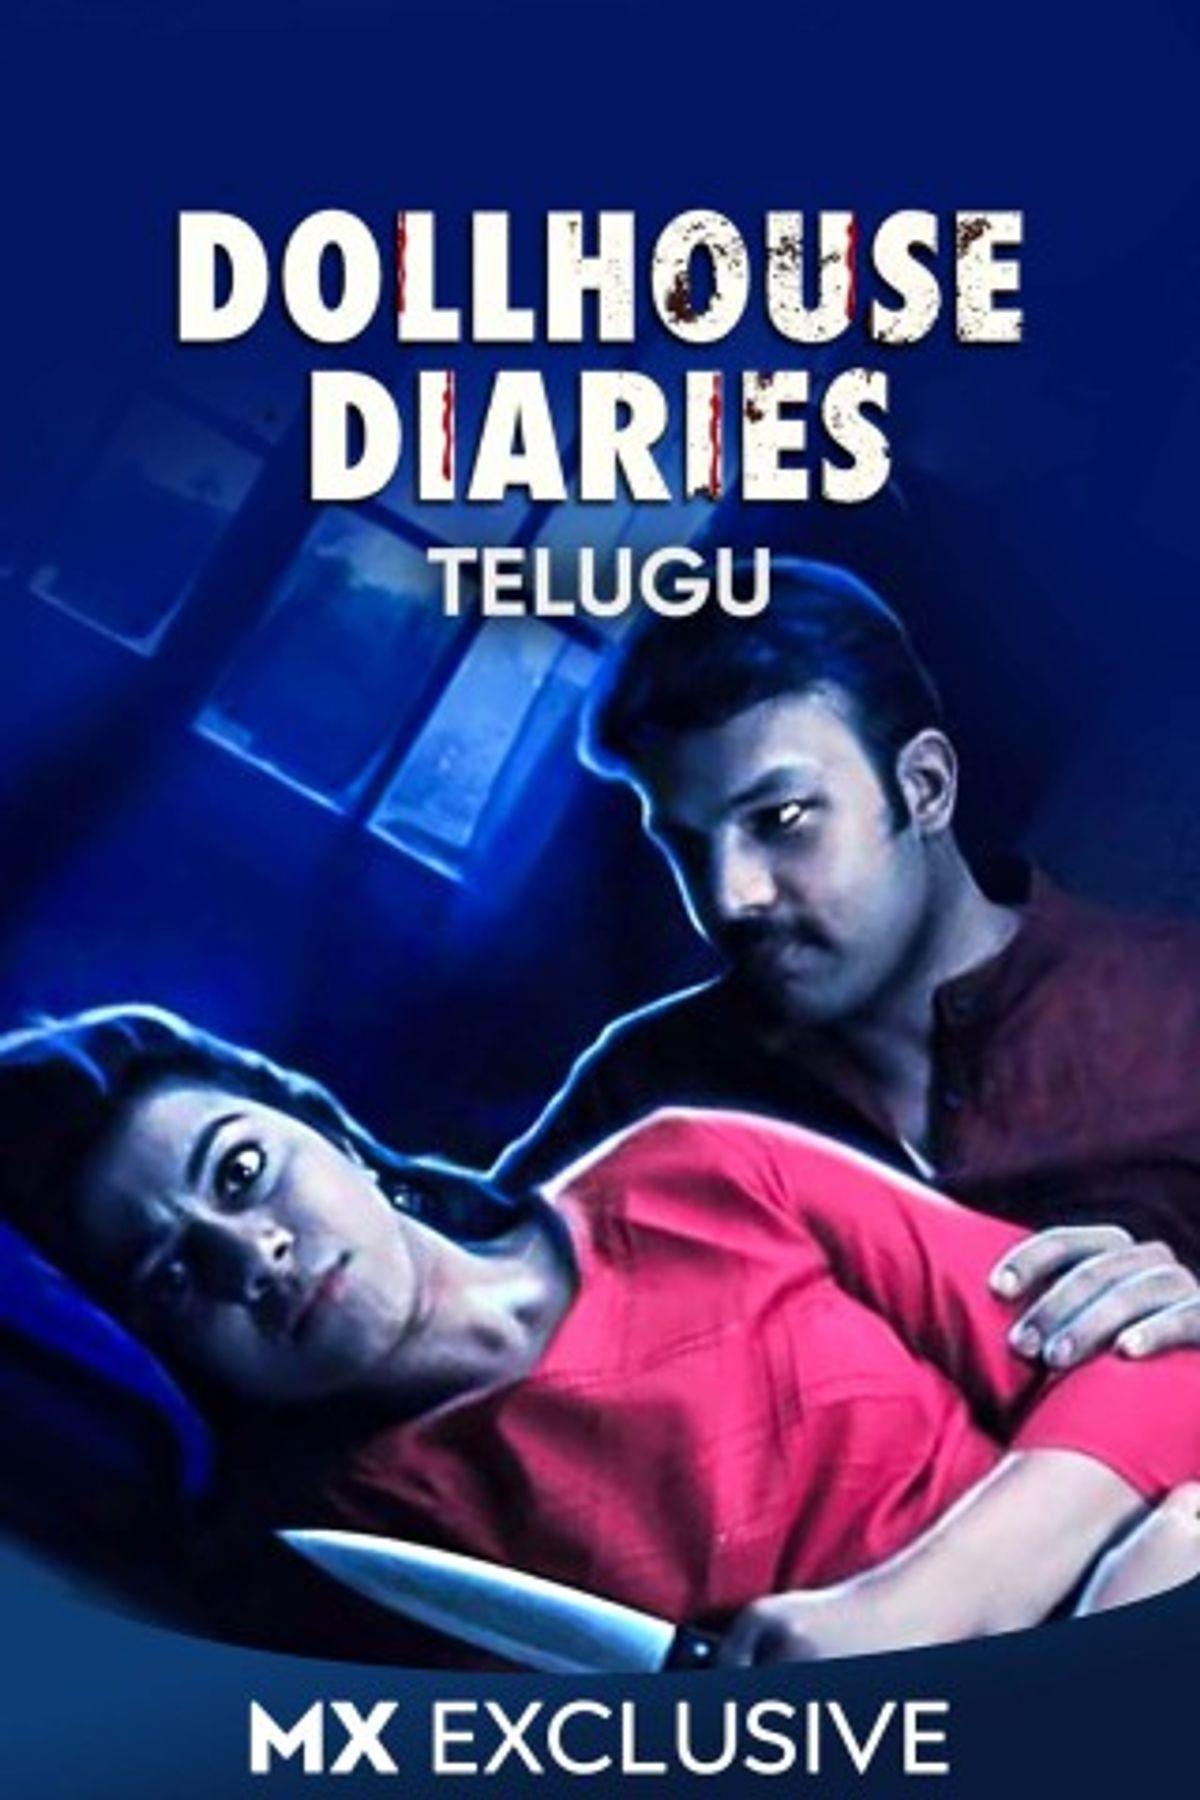 Dollhouse Diaries